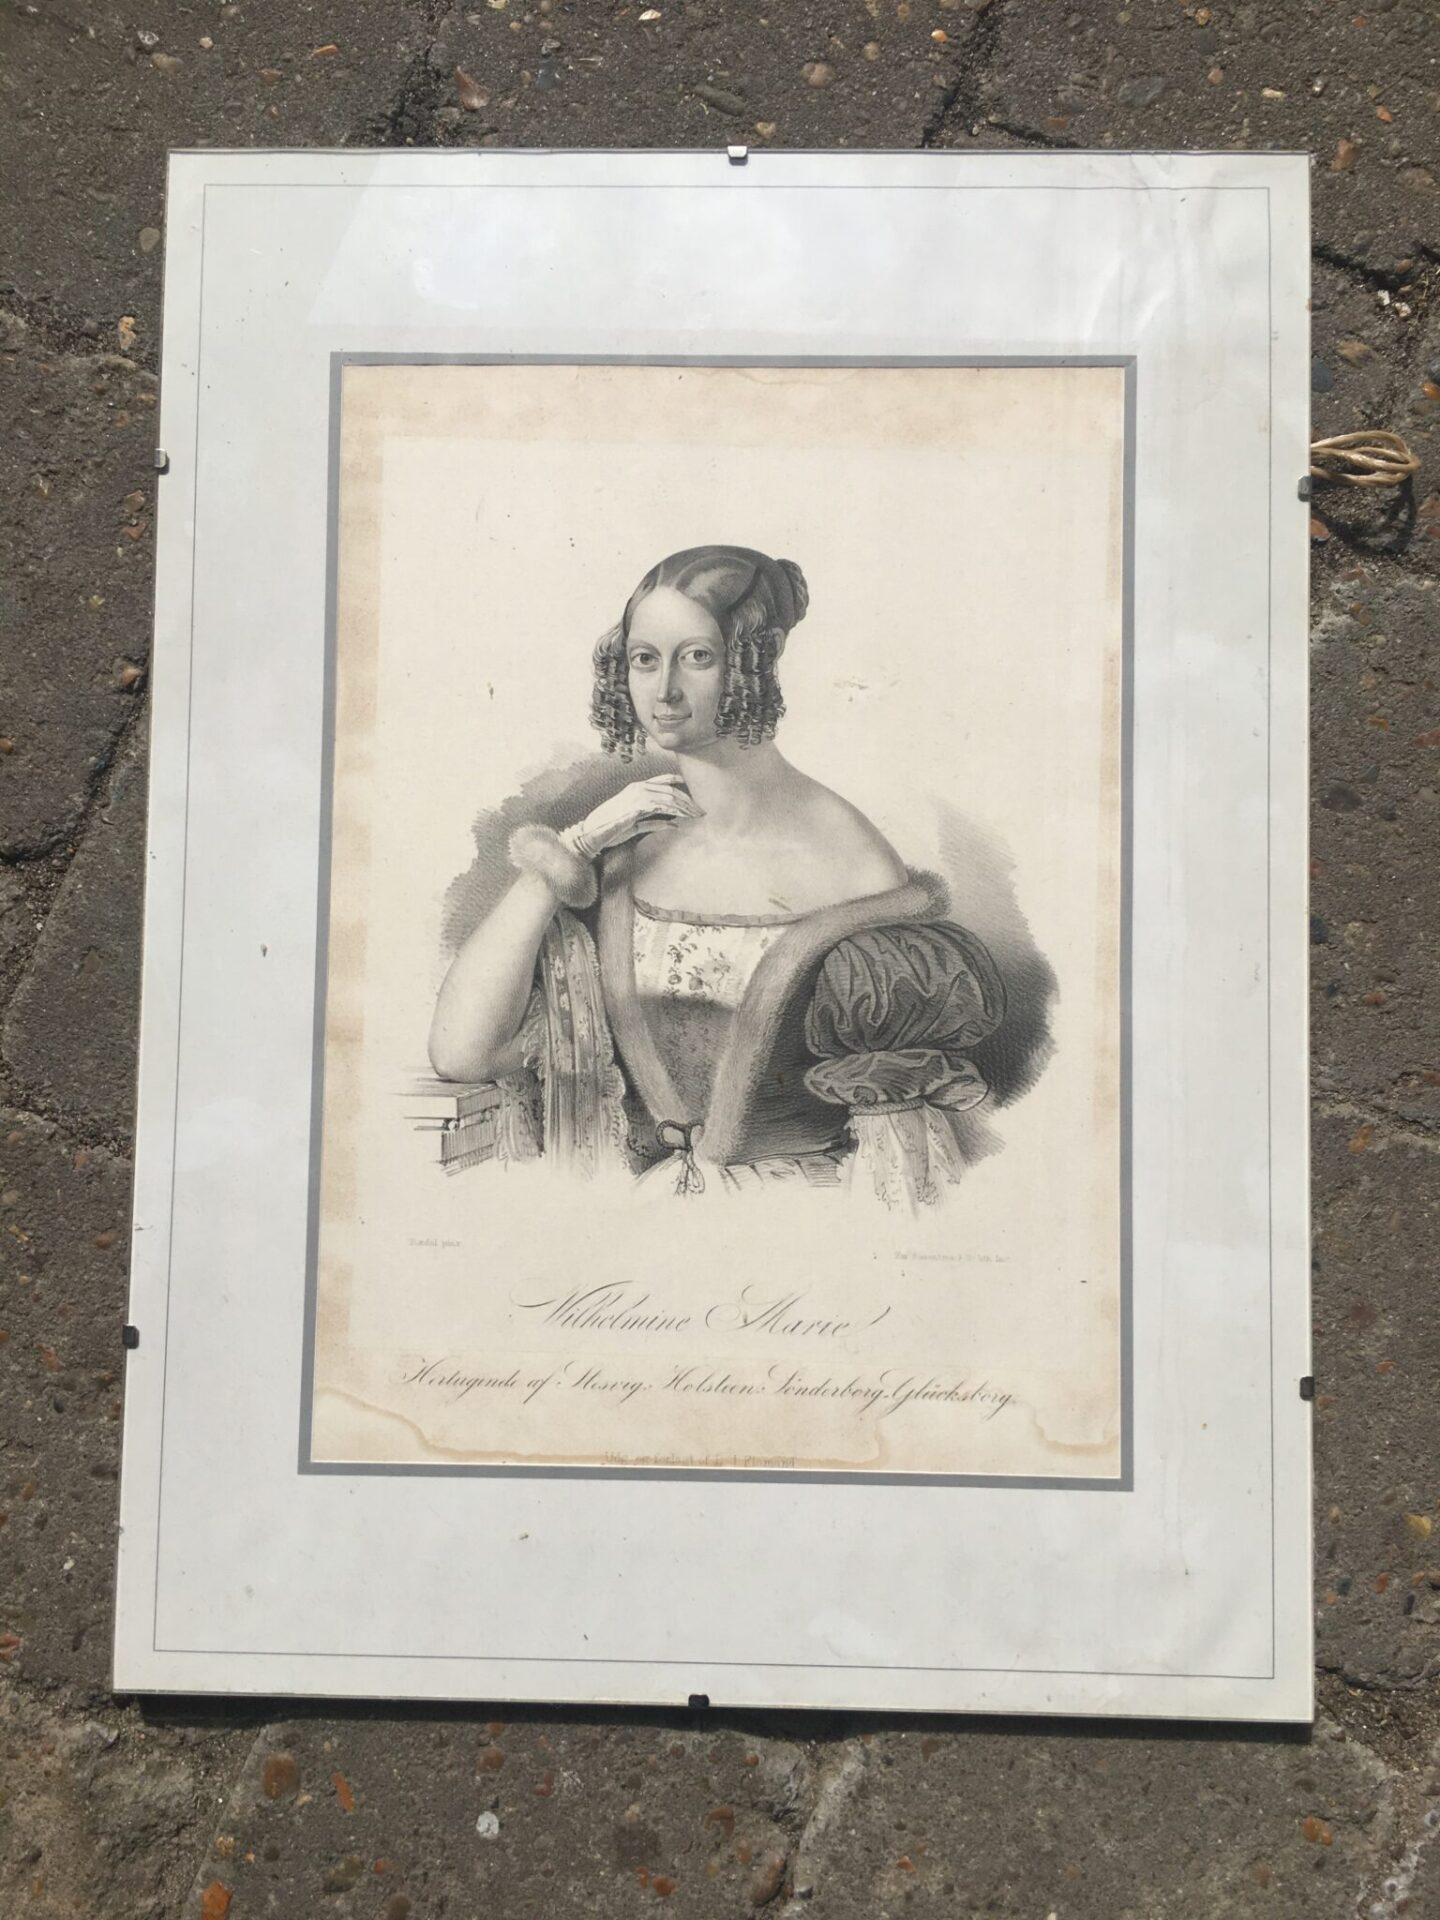 Vilhelmine Marie, prinssese af Danmark og Norge, pris 200 kr (40x30 cm)